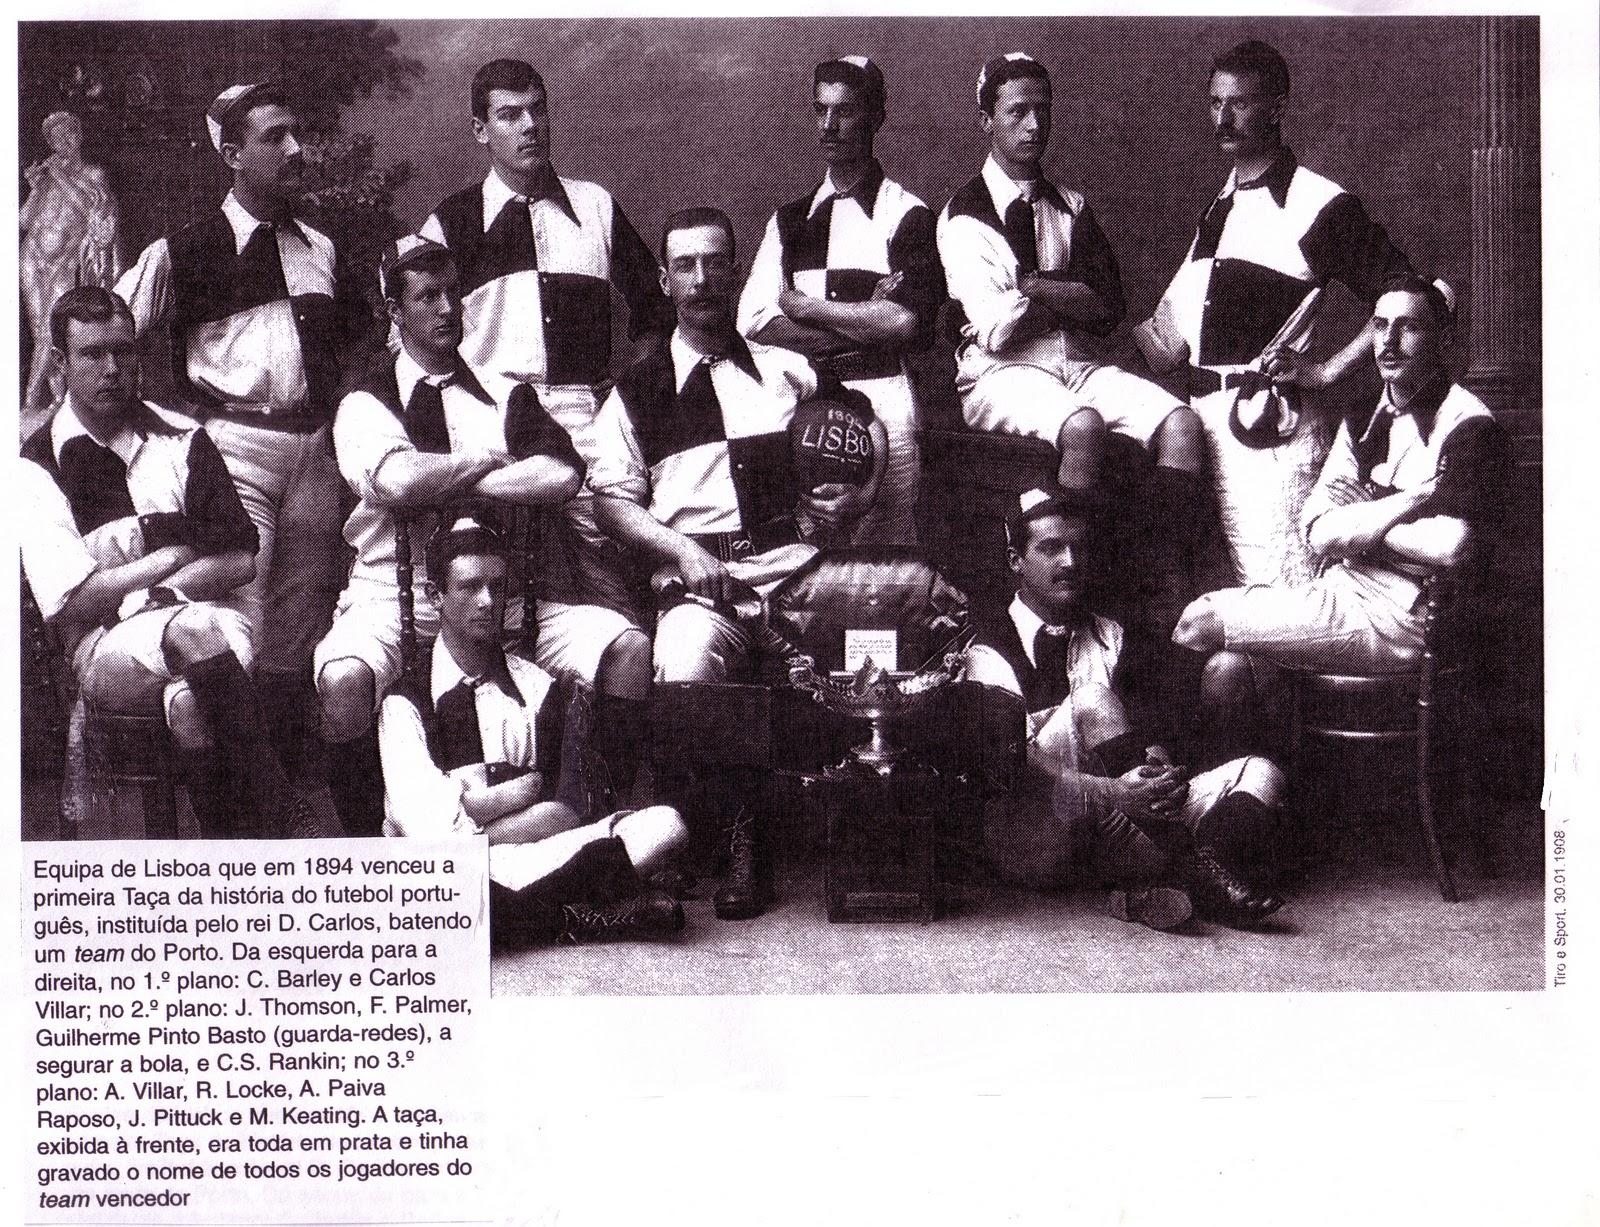 É mentira que fosse um jogo entre o Club Lisbonense e o Football-Club do  Porto. Não há nenhuma notícia em qualquer dos jornais que o relatou 35eaea0fbcf26